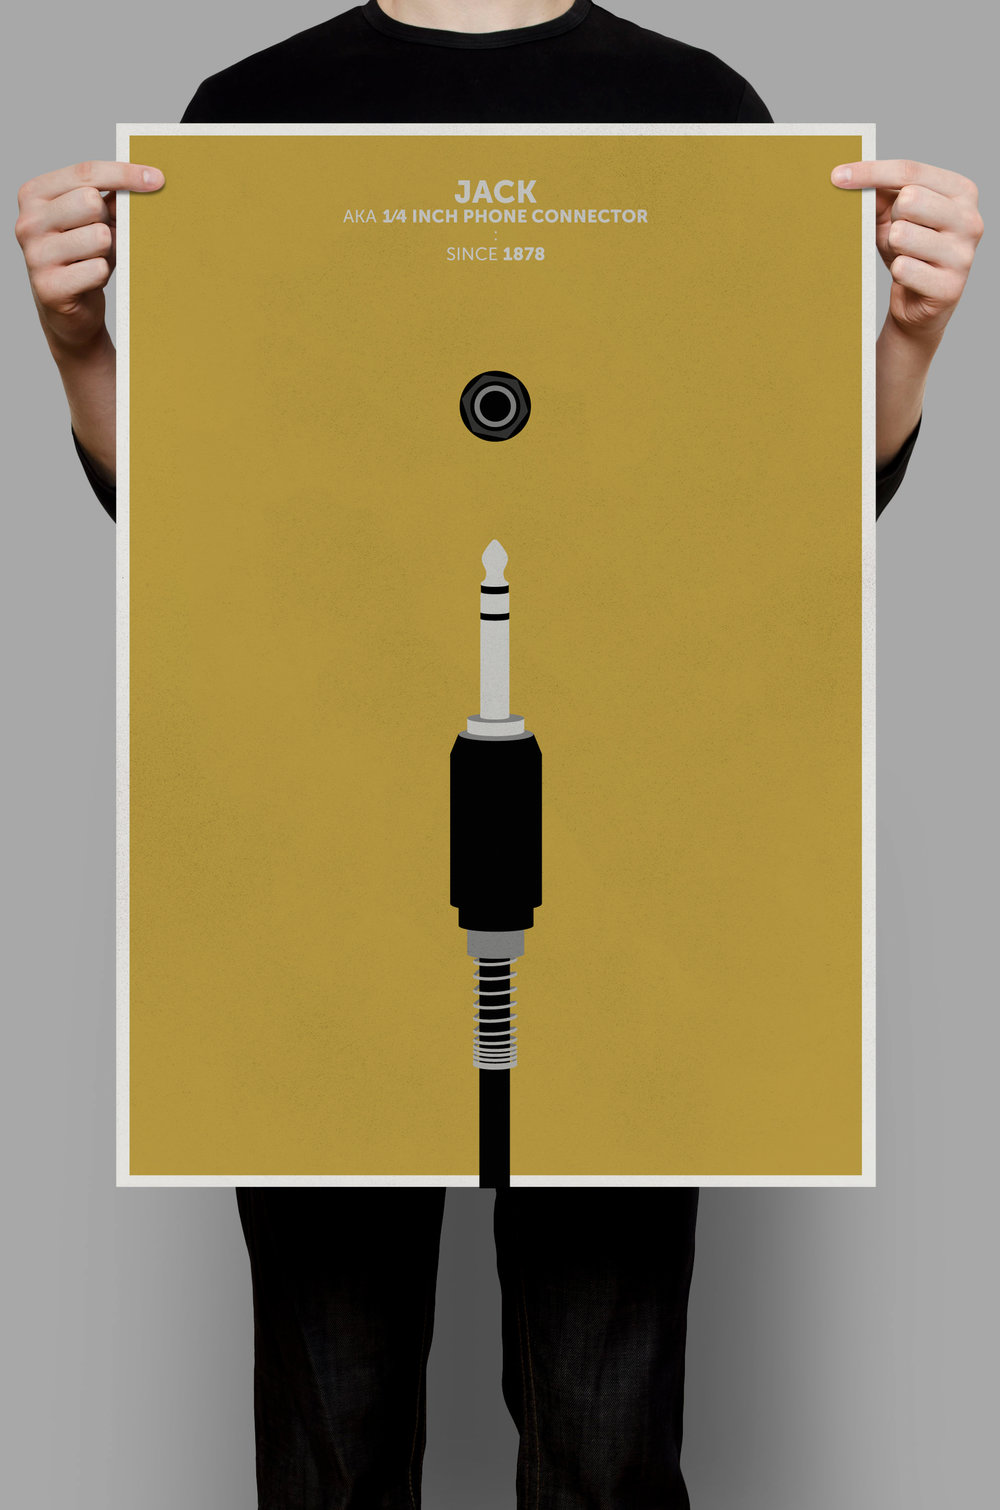 Jack plug